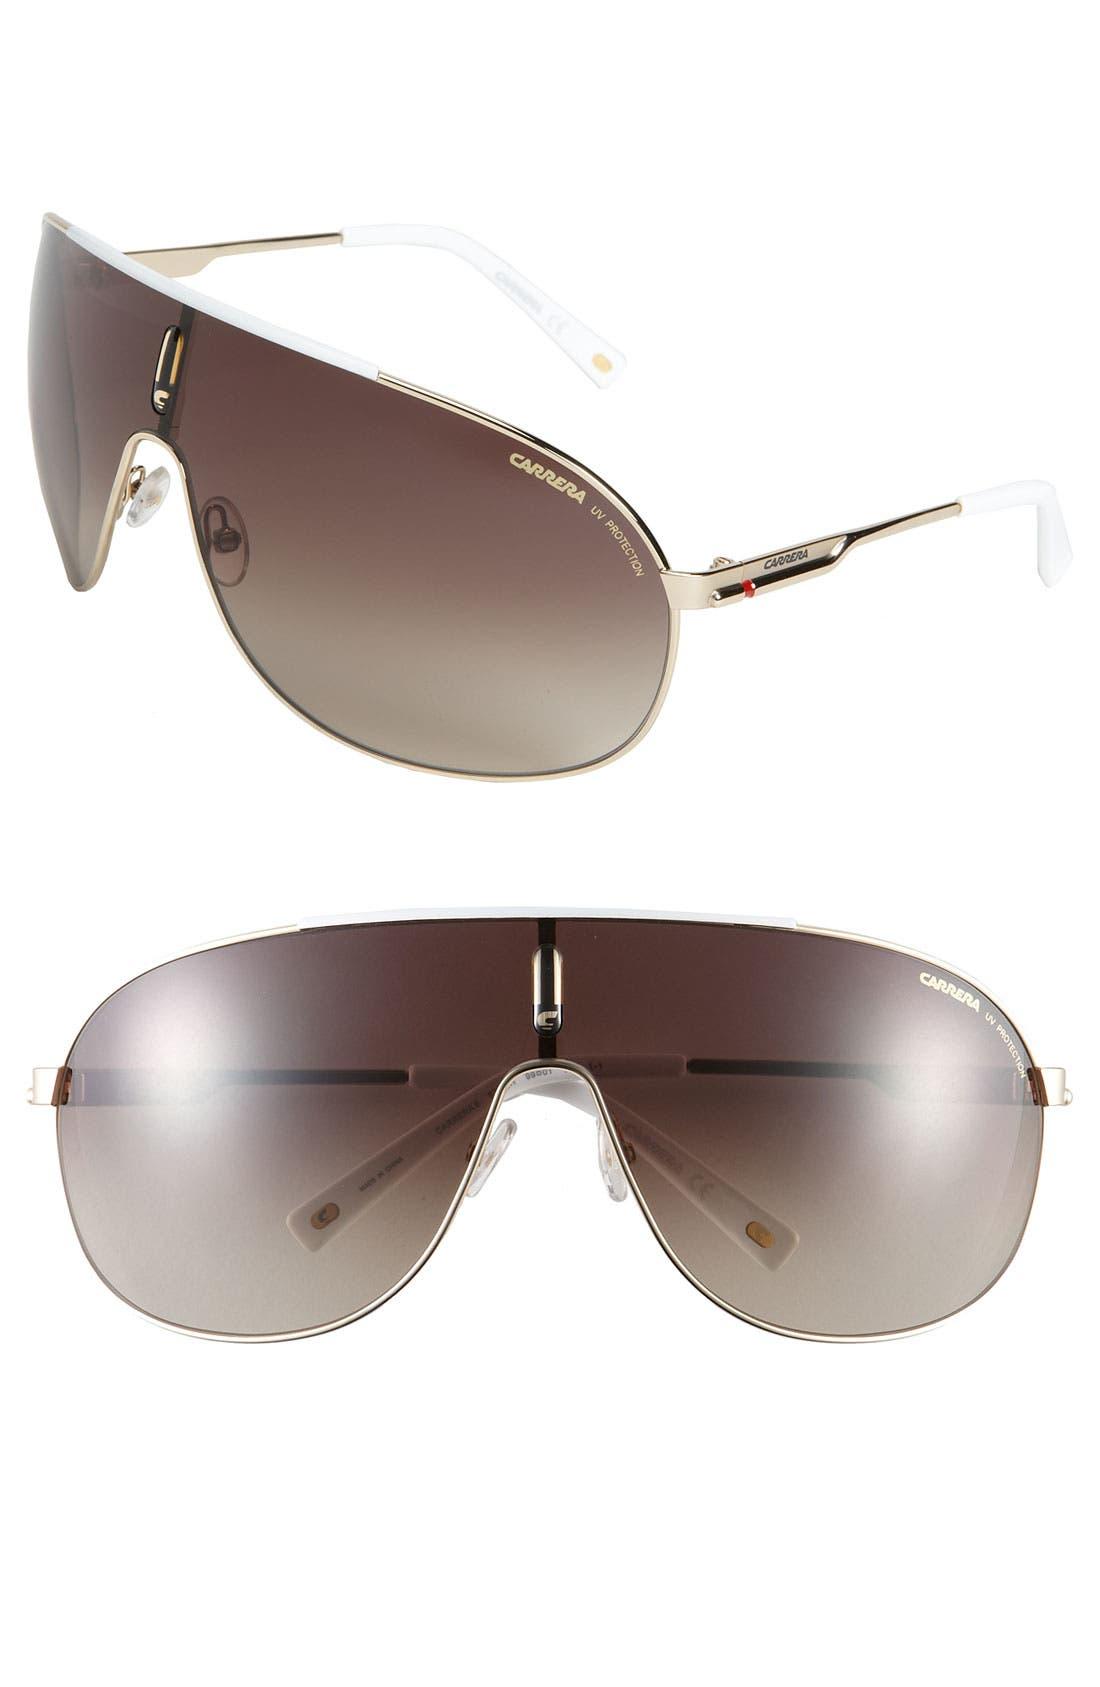 Alternate Image 1 Selected - Carrera Eyewear Metal Aviators